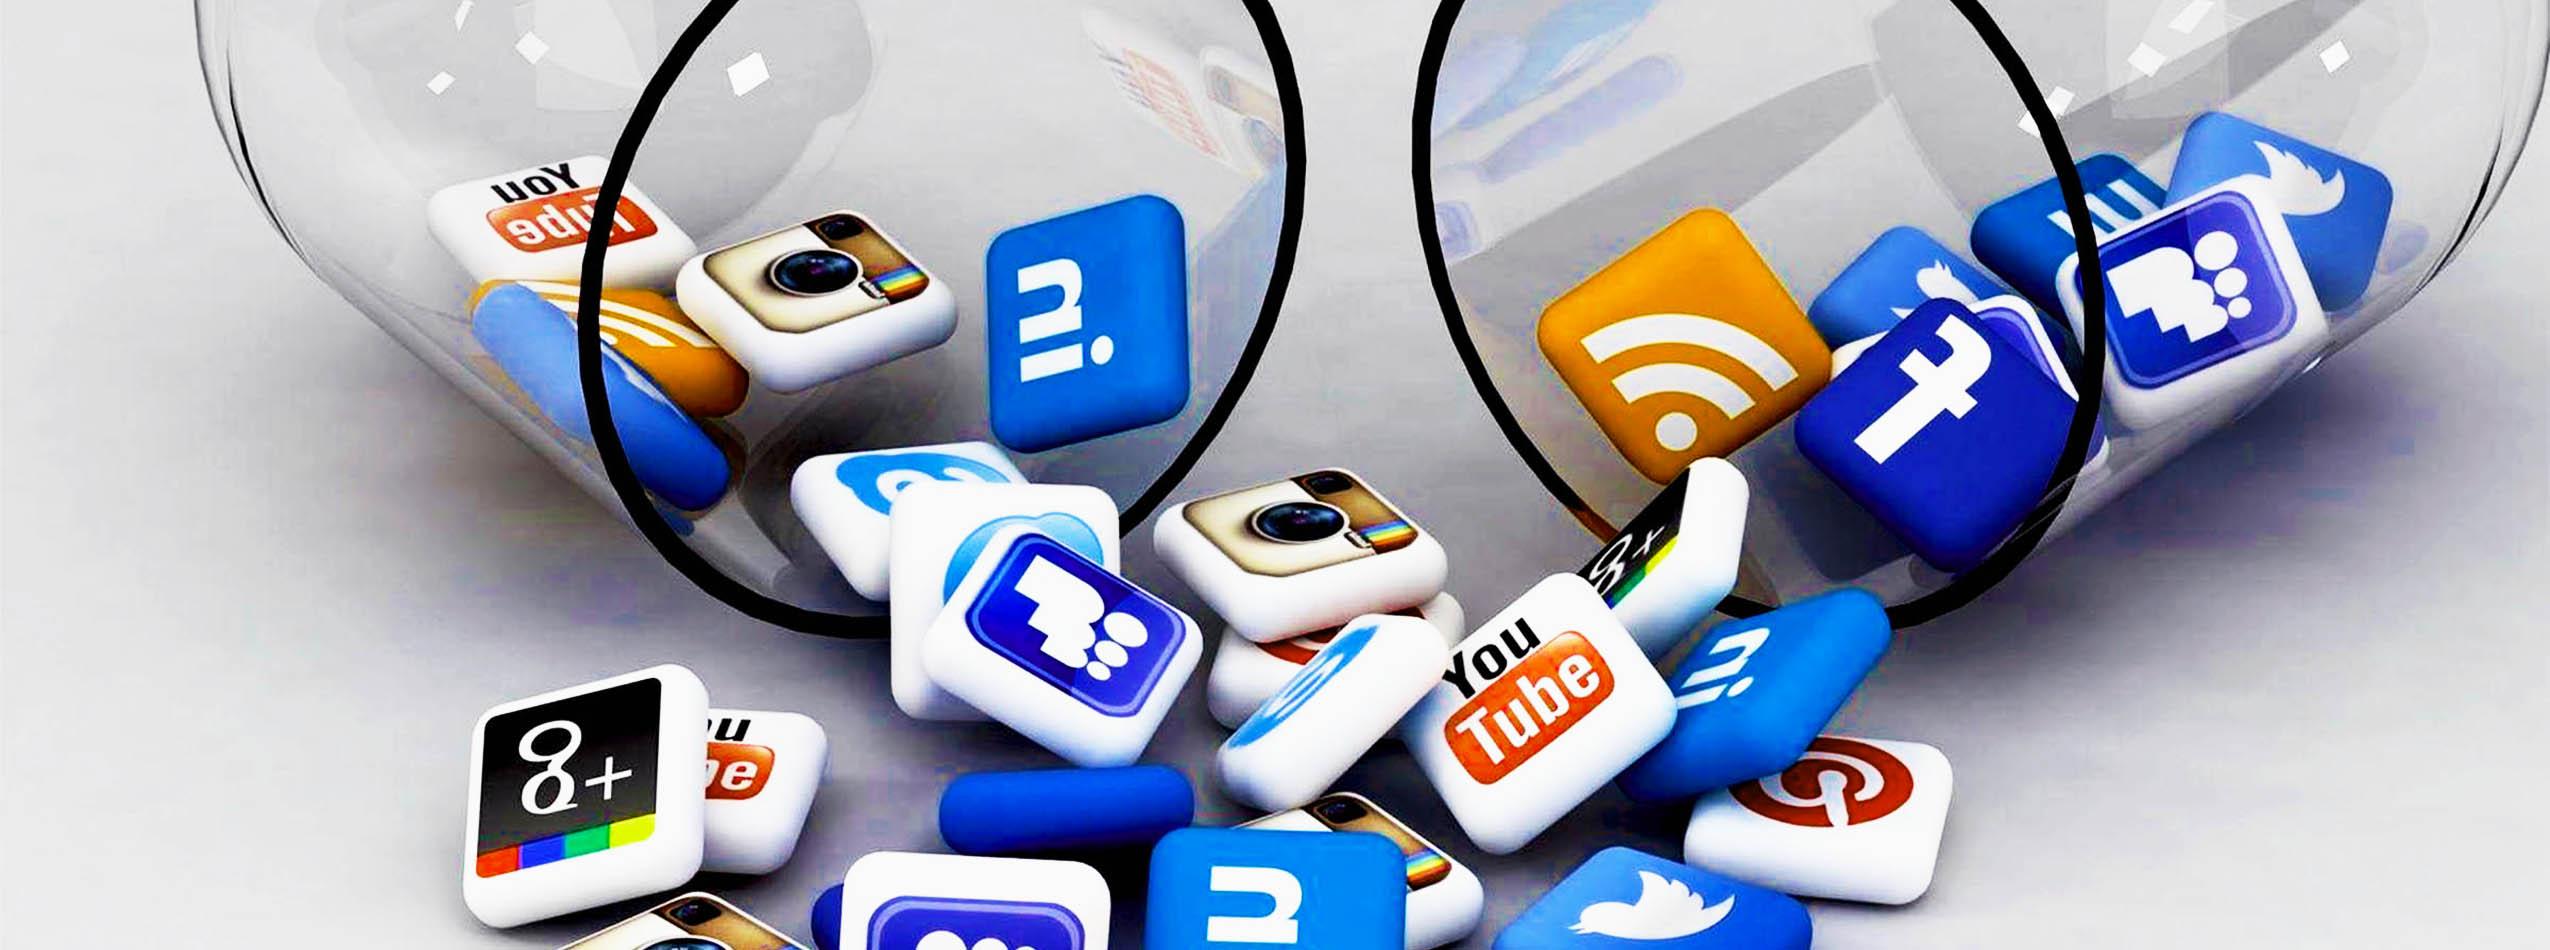 شبکه اجتماعی به شما کمک میکند تا به کاربران مختلف وصل شوید.